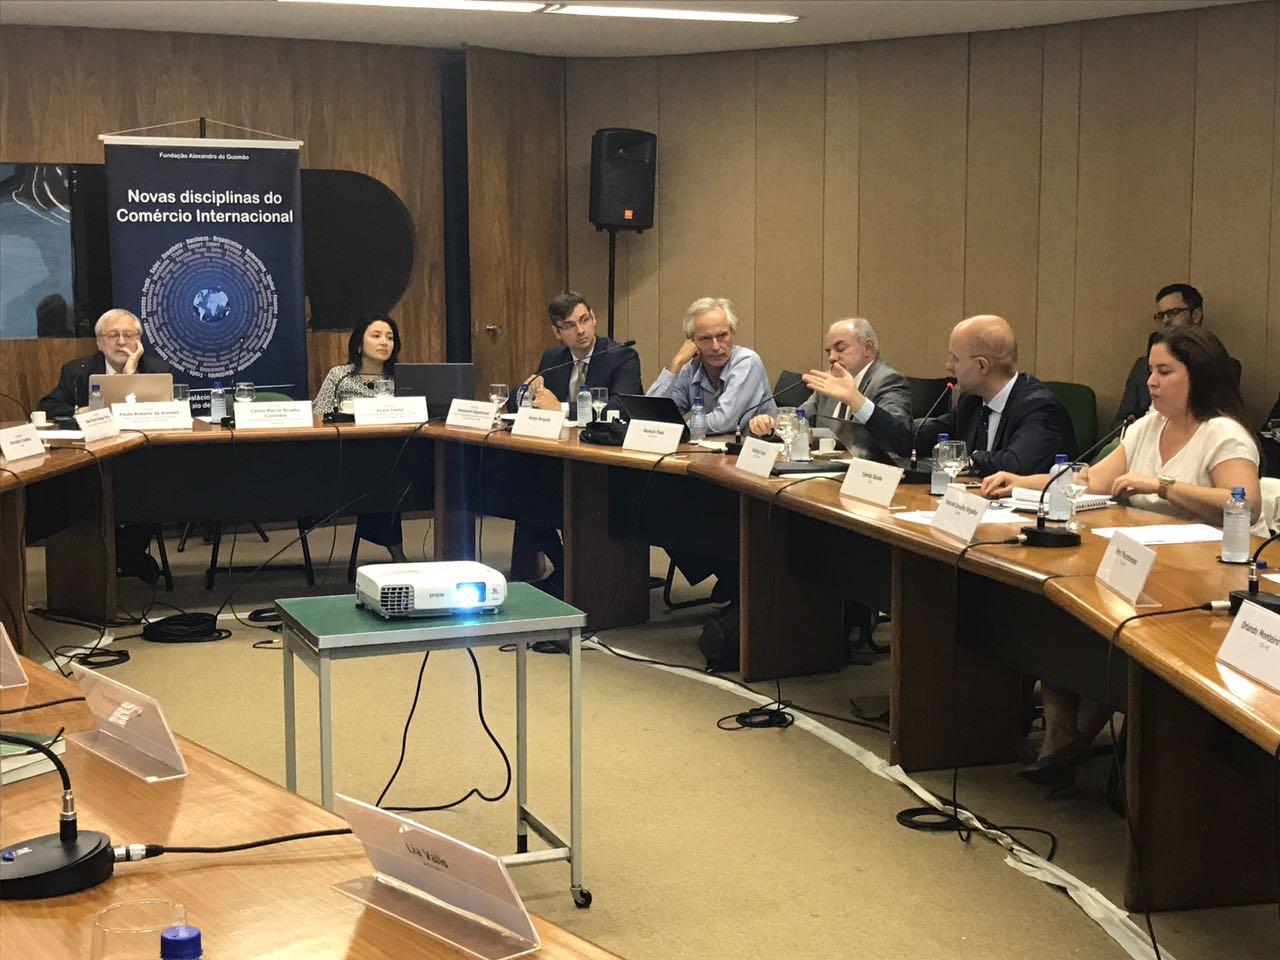 Desenvolvimento sustentável no comércio internacional é tema de seminários em Brasilia